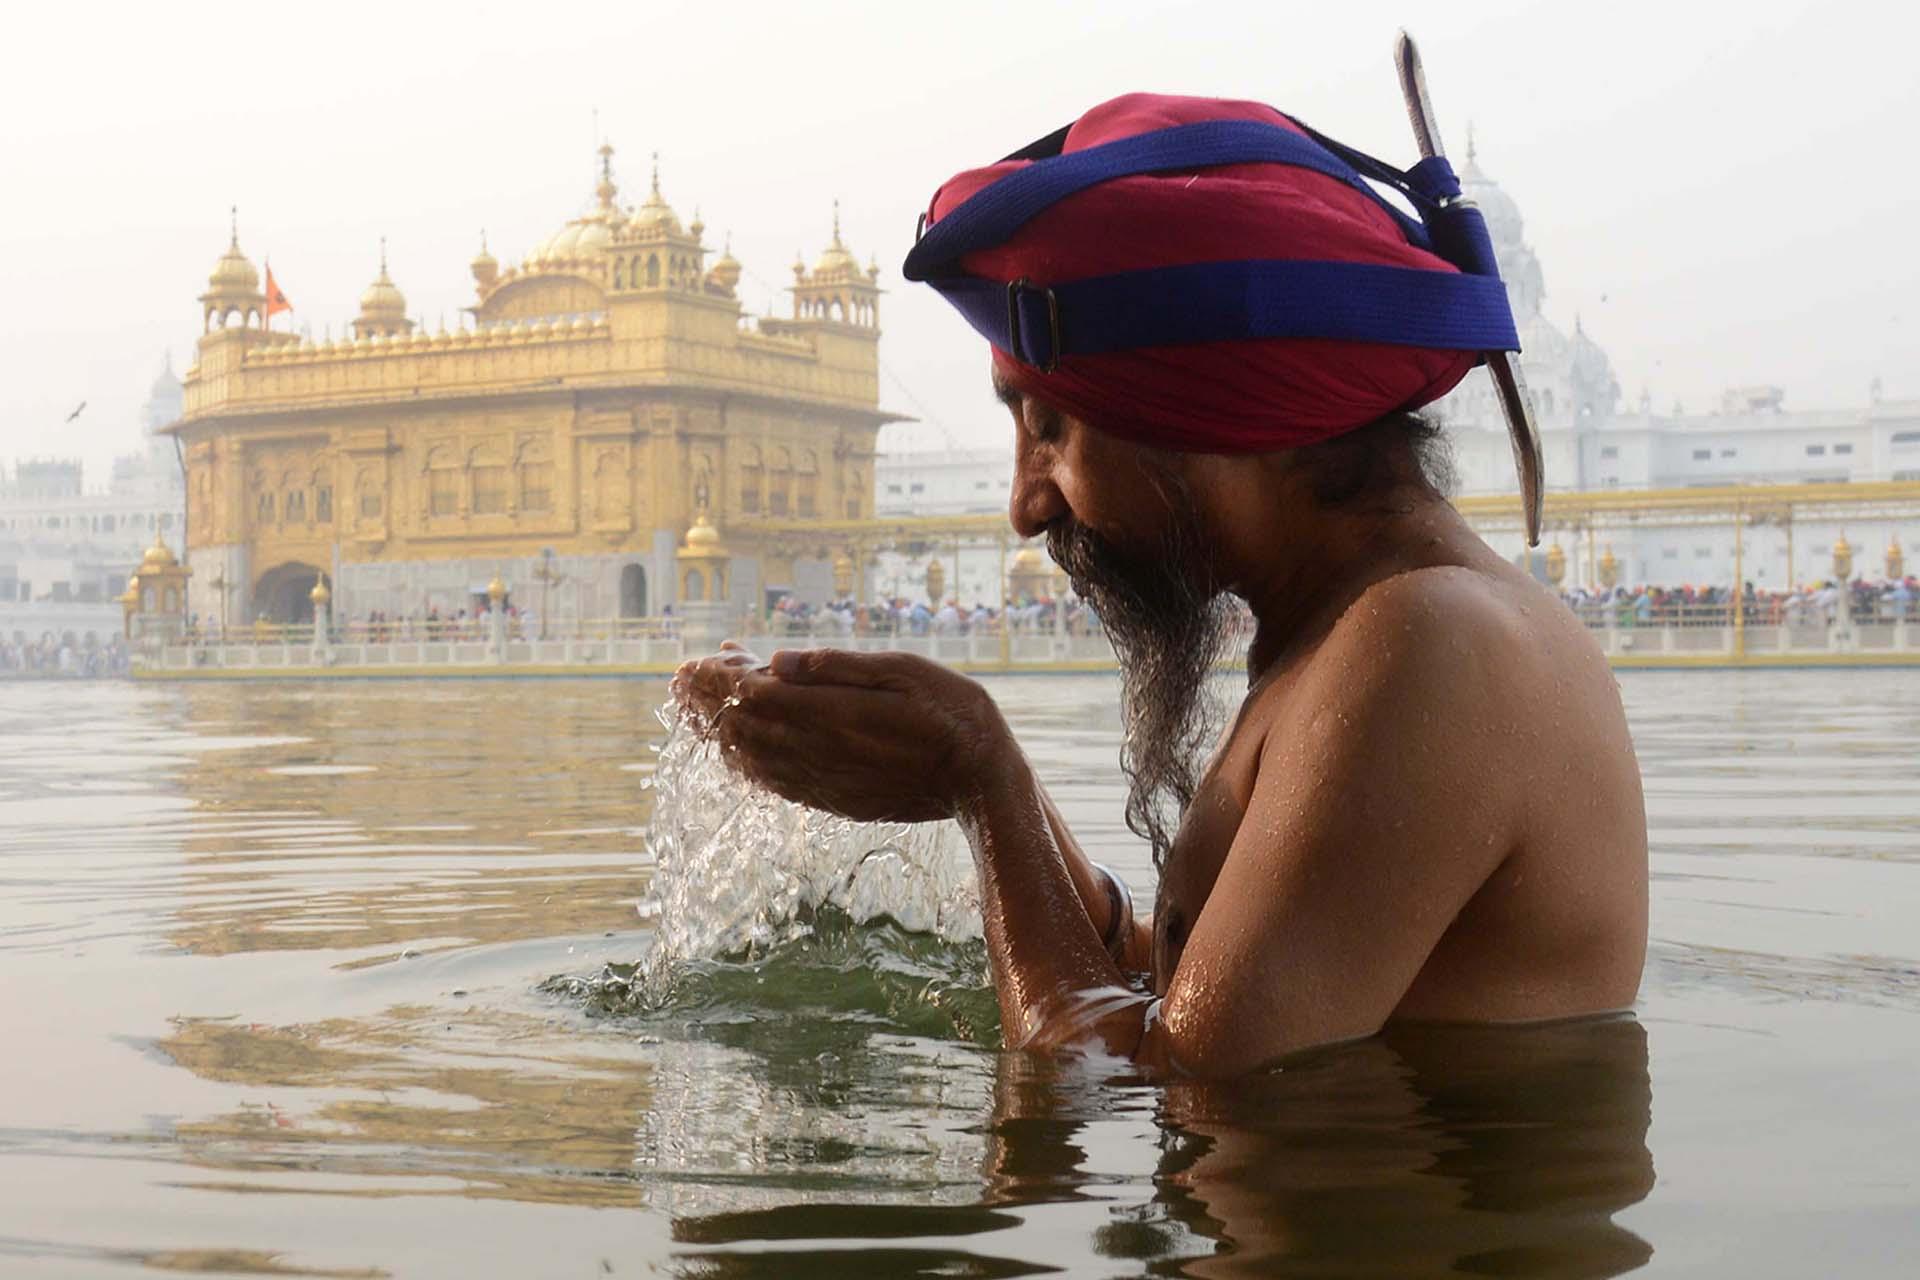 Un devoto sikh se baña en el santo sarovar (tanque de agua) con motivo de Bandi Chhor Divas, o Diwali, en el Templo de Oro en Amritsar